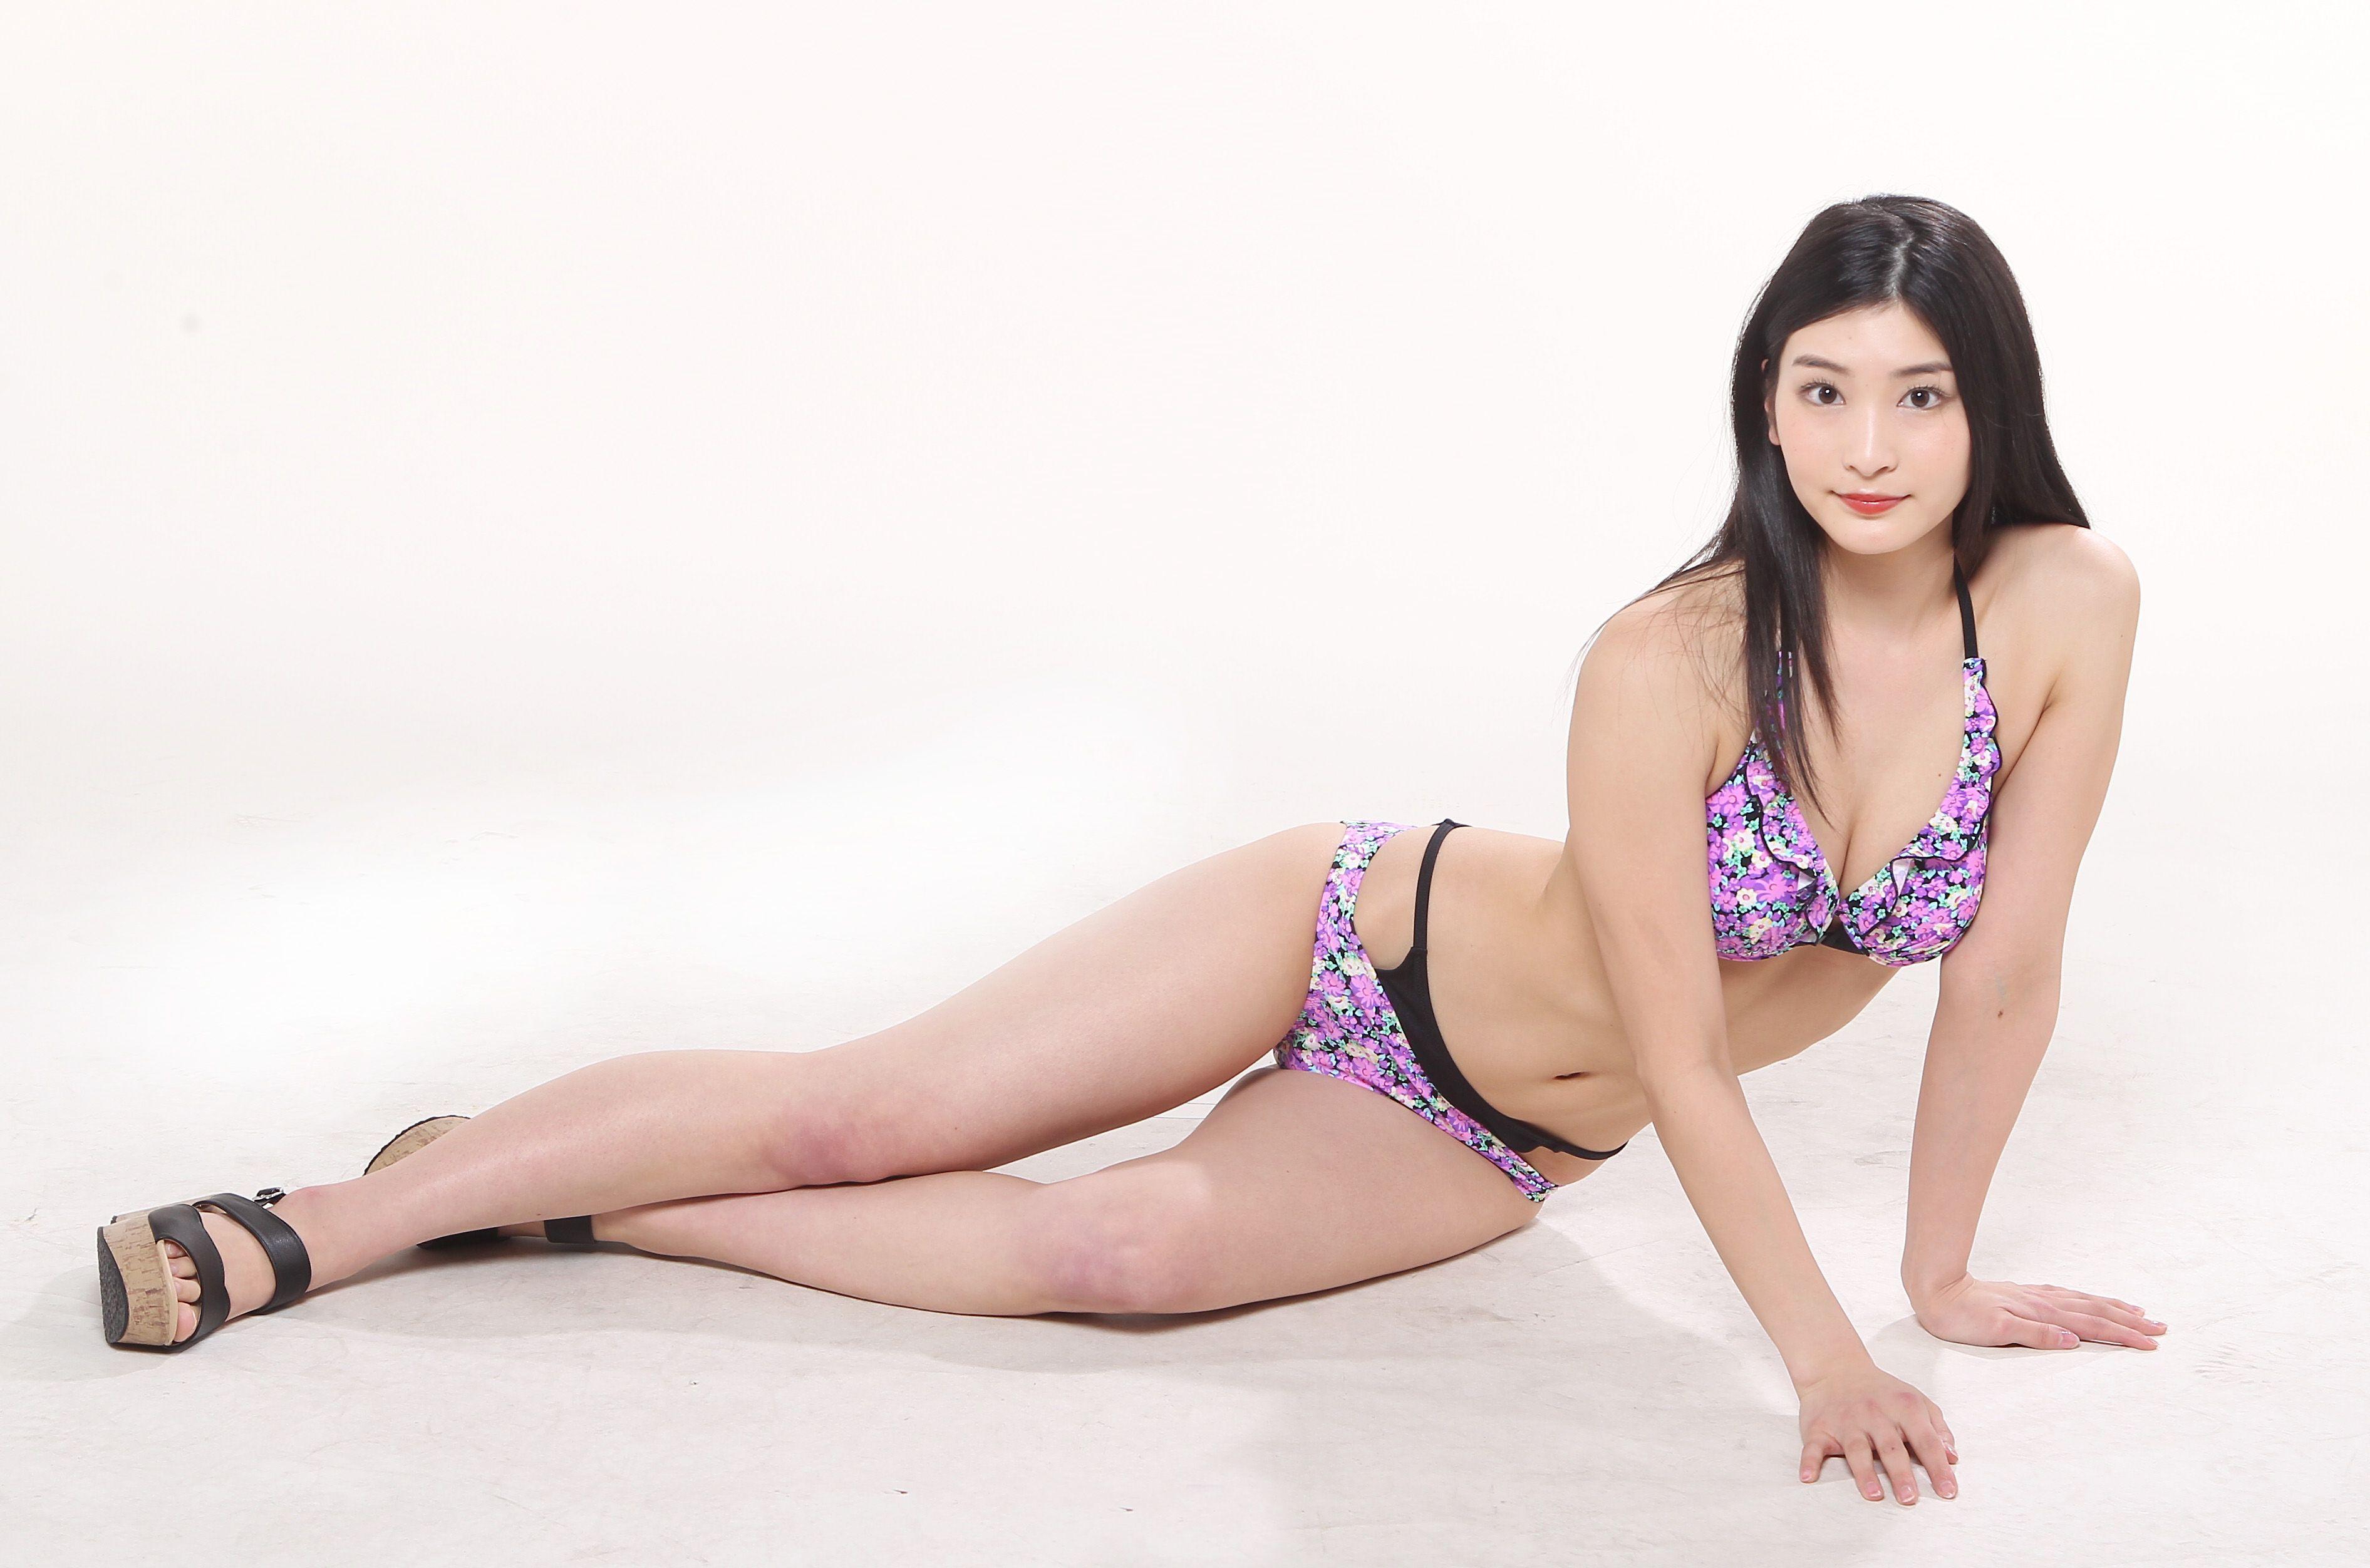 日本的AV女優本庄鈴非常仰慕AV女優明日花綺羅。(記者邱榮吉/攝影)